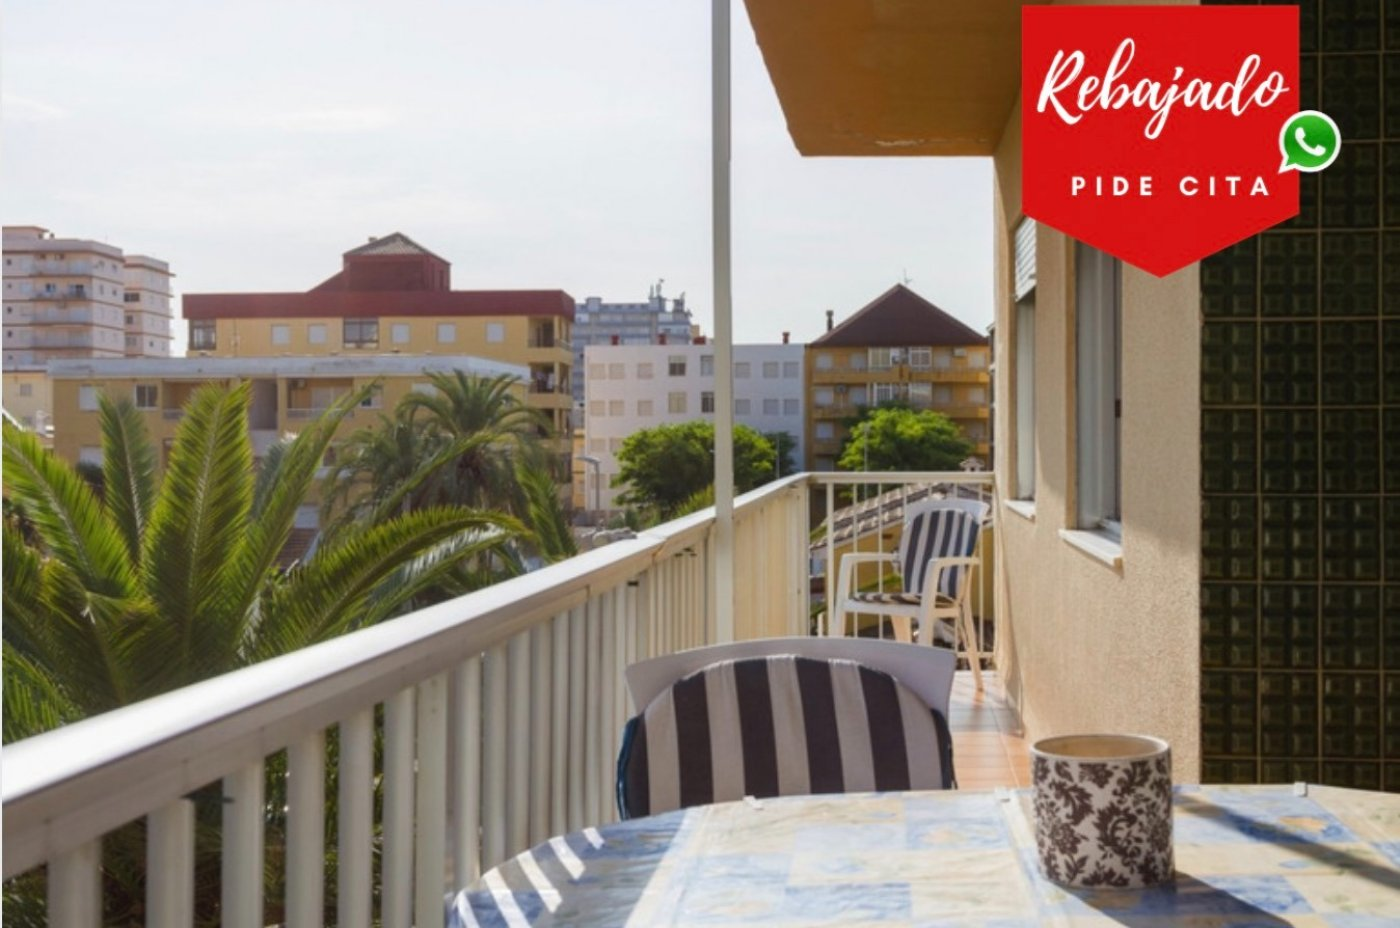 Fabuloso apartamento a 120 metros de la playa. - imagenInmueble0